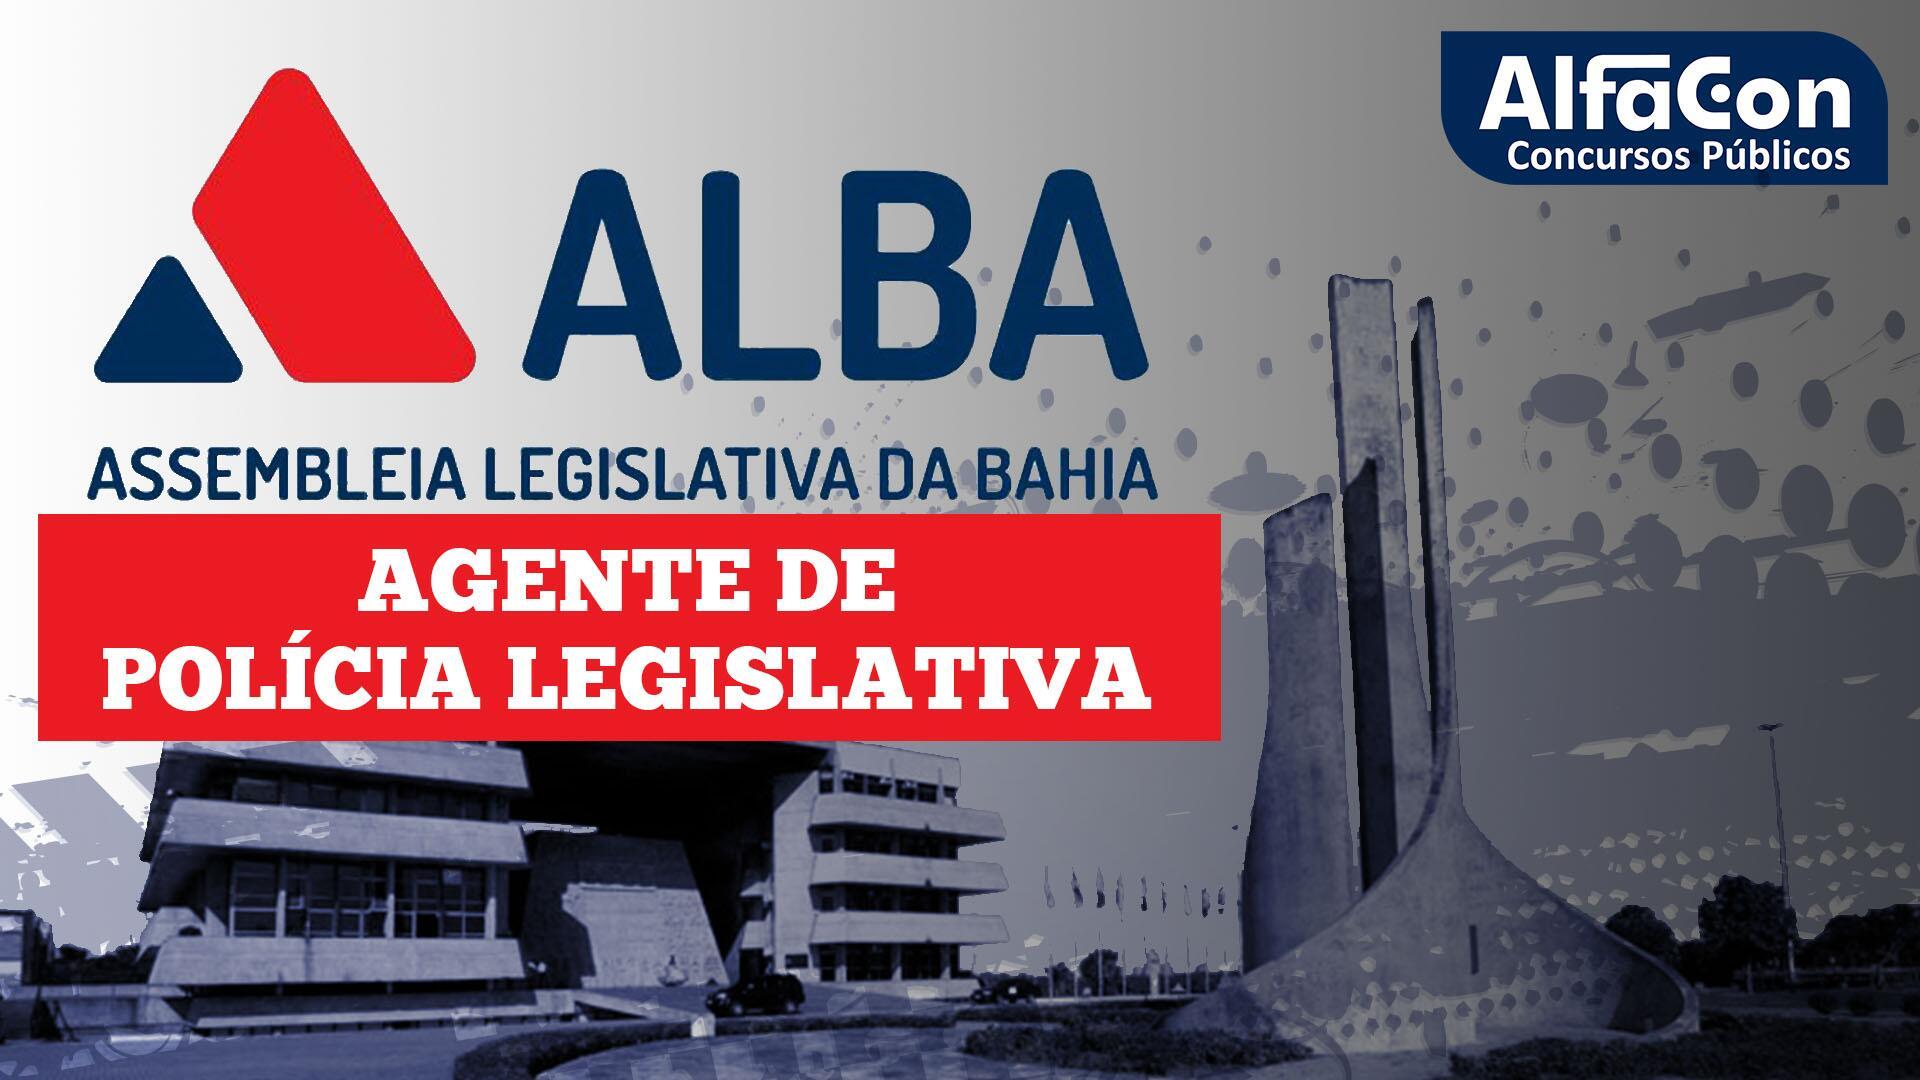 ALBA - Agente de Polícia Legislativa da Assembleia Legislativa da Bahia